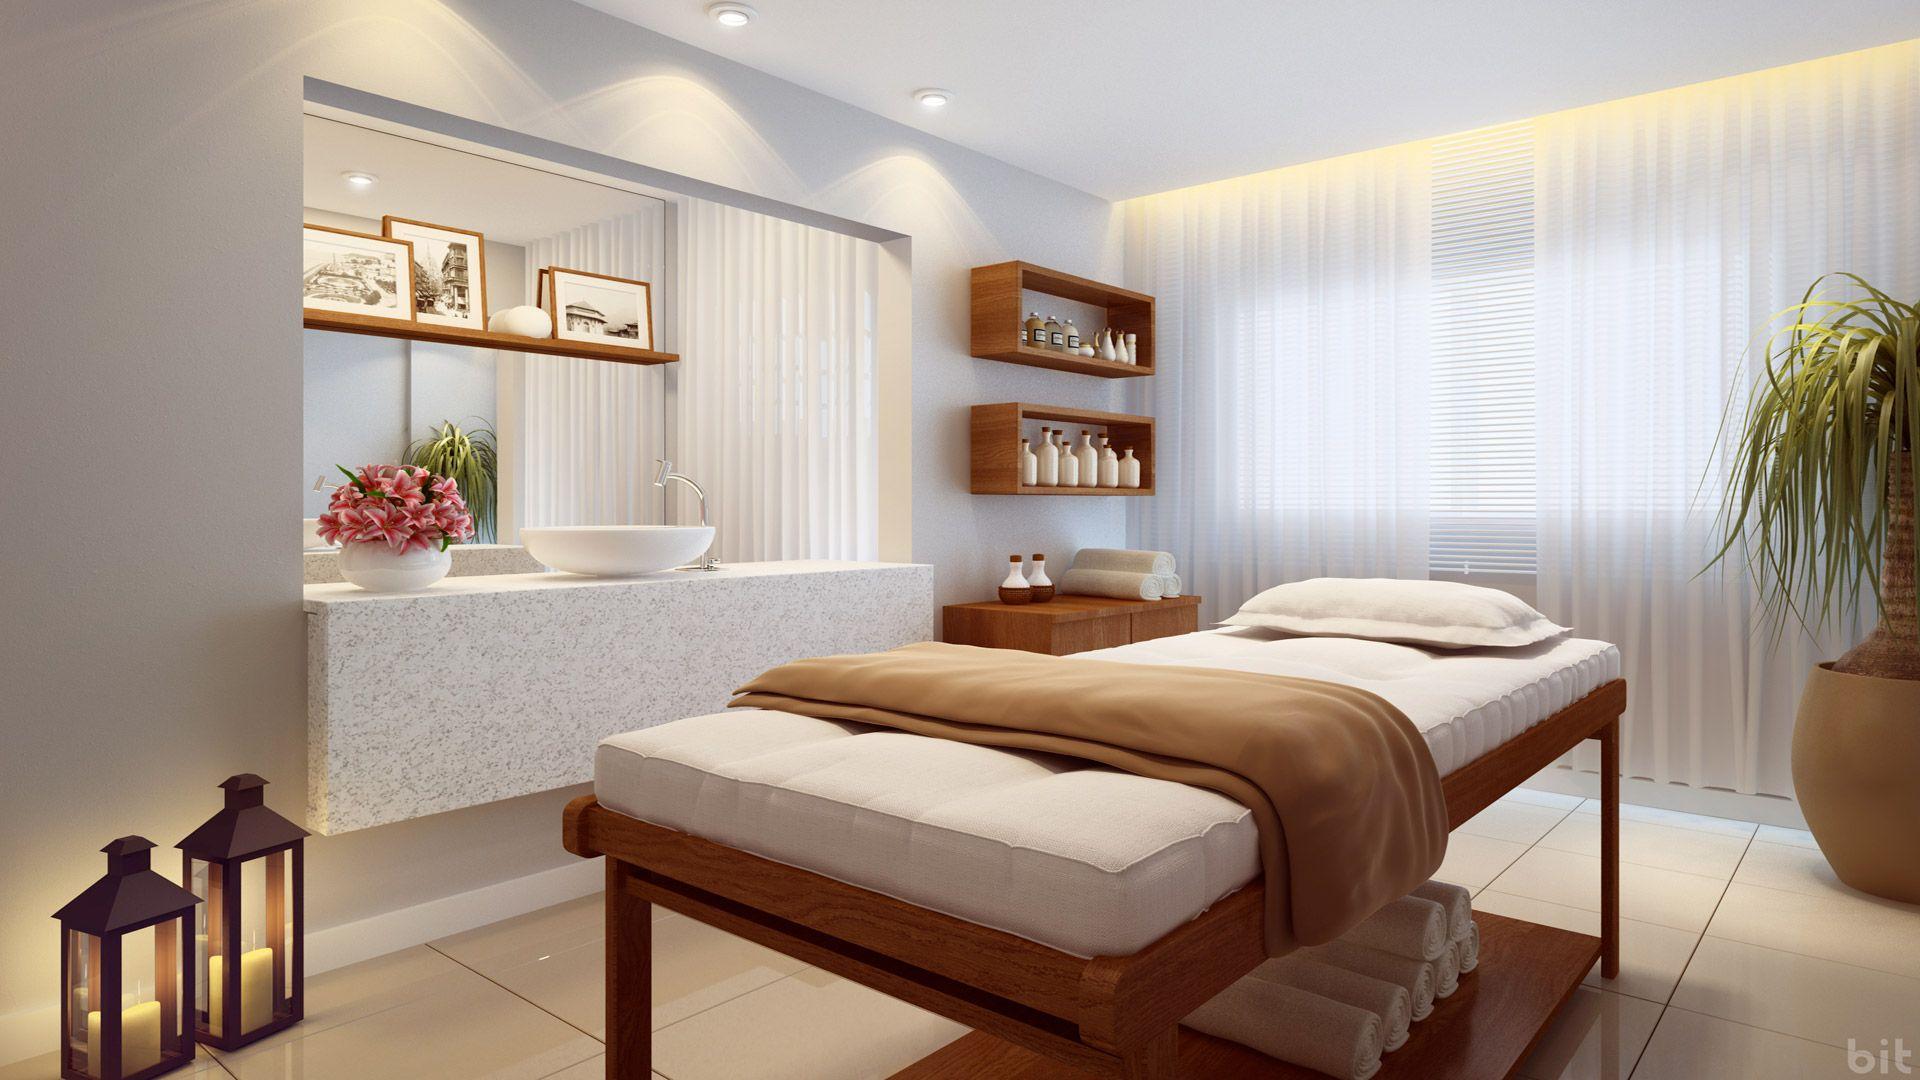 Decoration De Spa dedans sala de massagem simples - pesquisa google   spa deco   pinterest